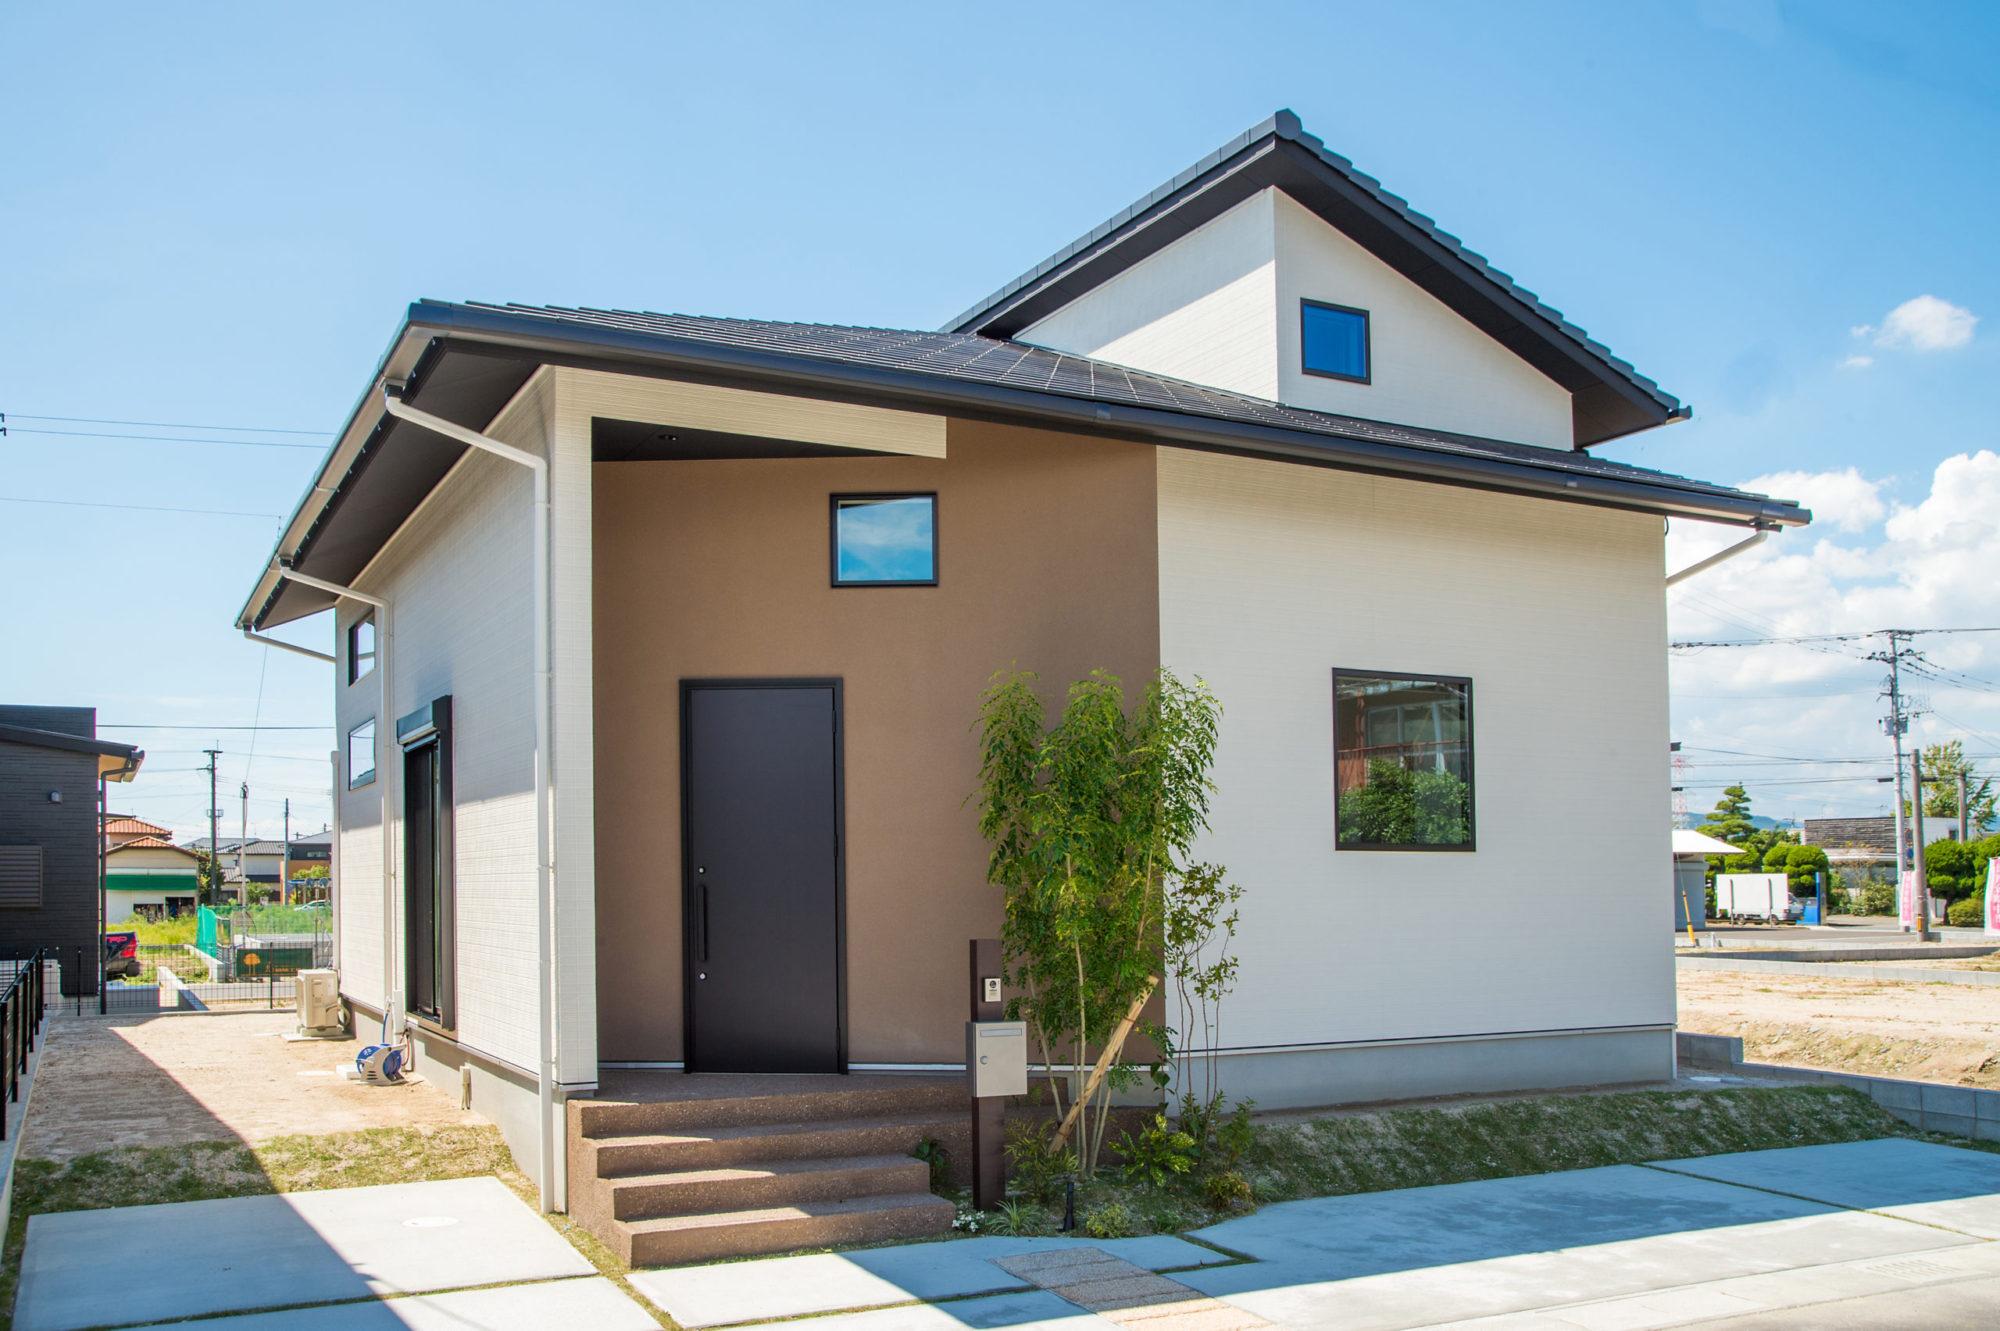 【東小田Ⅰ】朝倉郡筑前町 NO.5 CONCEPT HOUSE